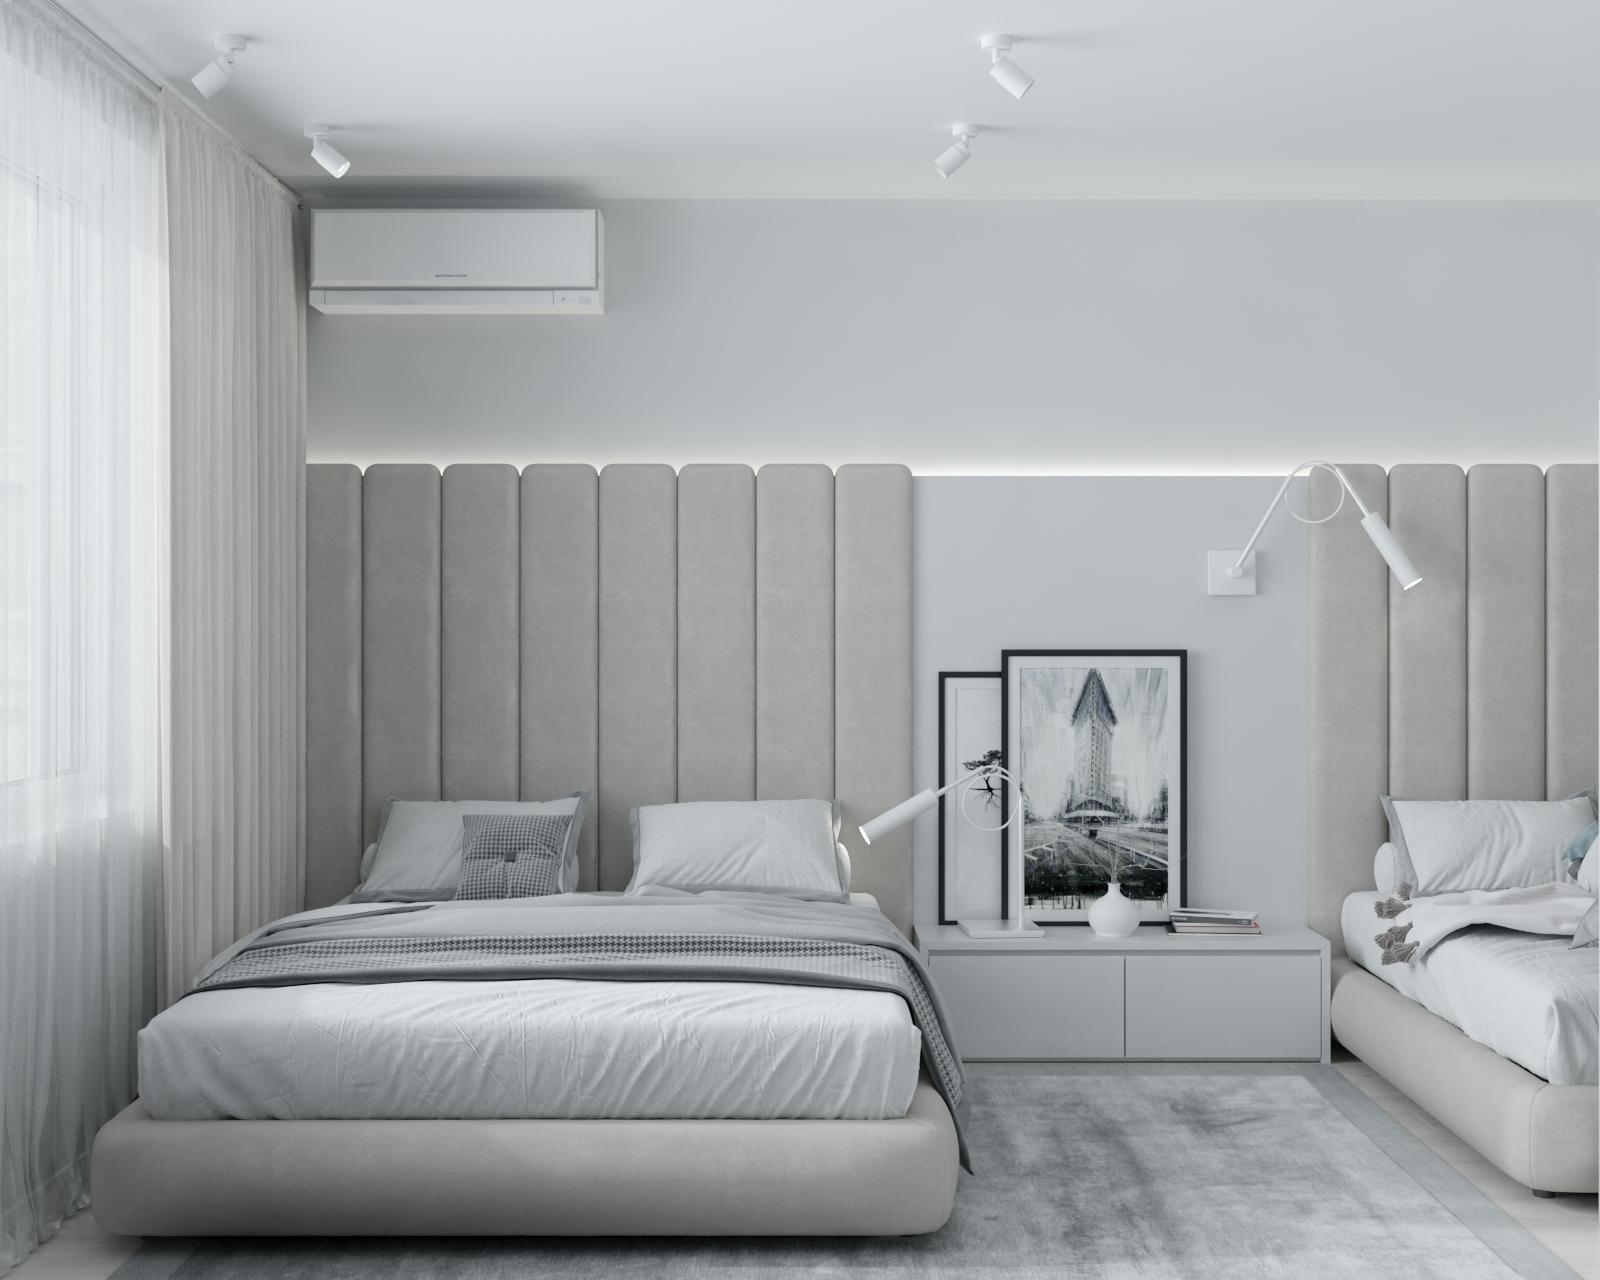 Изображение светлой спальни в минимализме